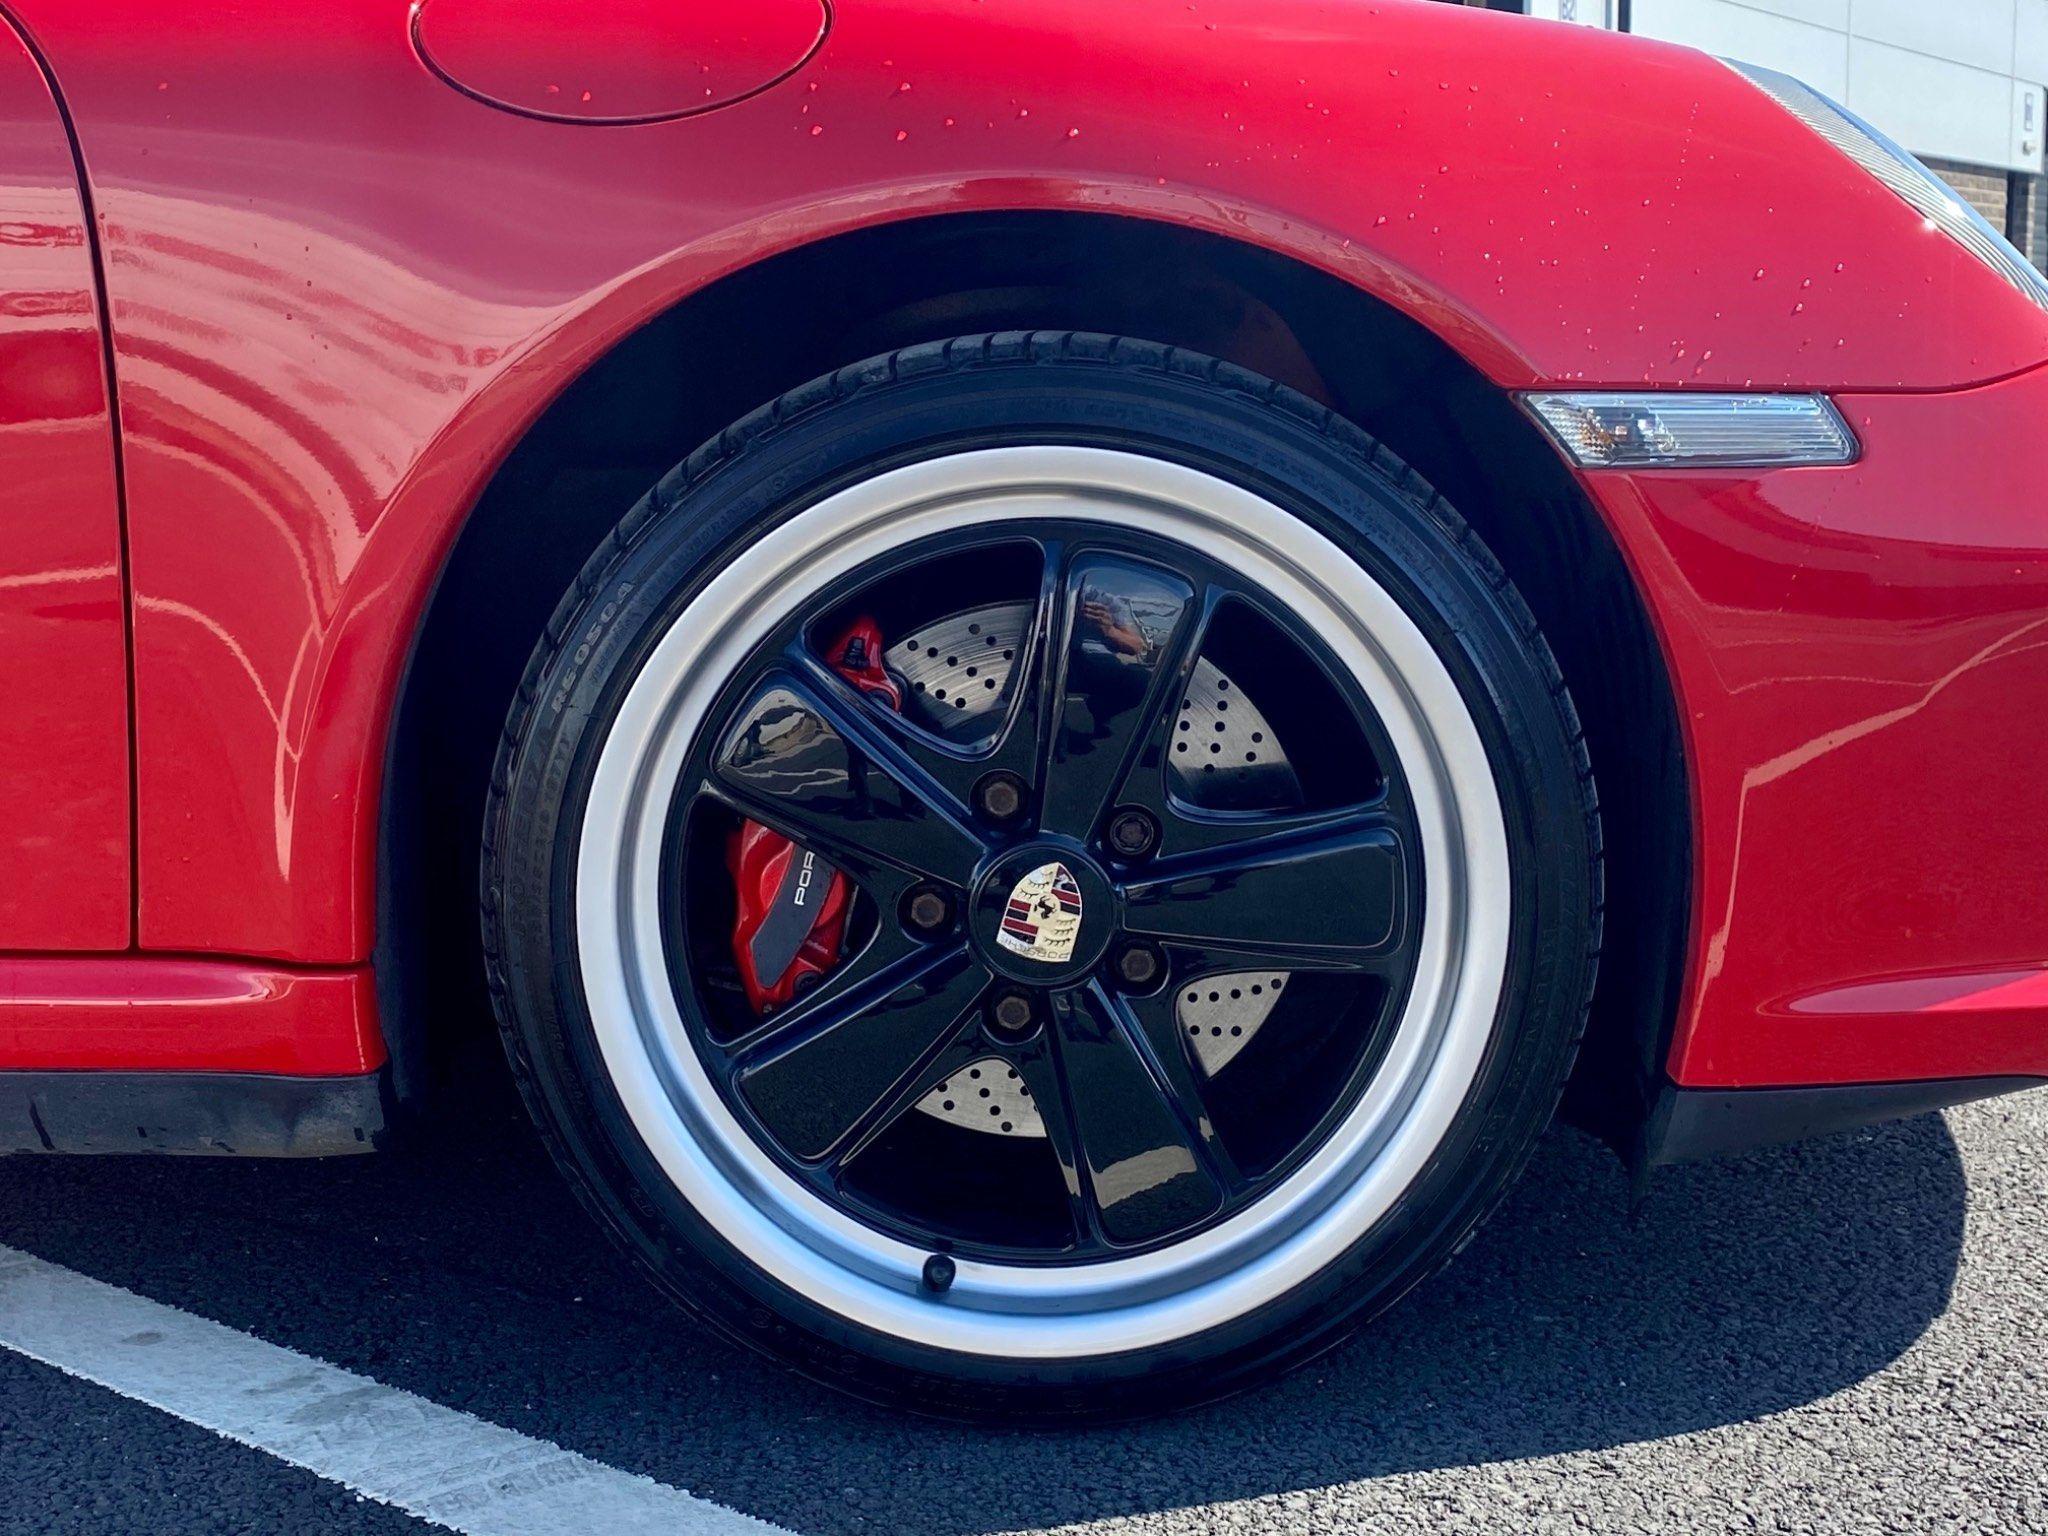 Porsche 911 Images